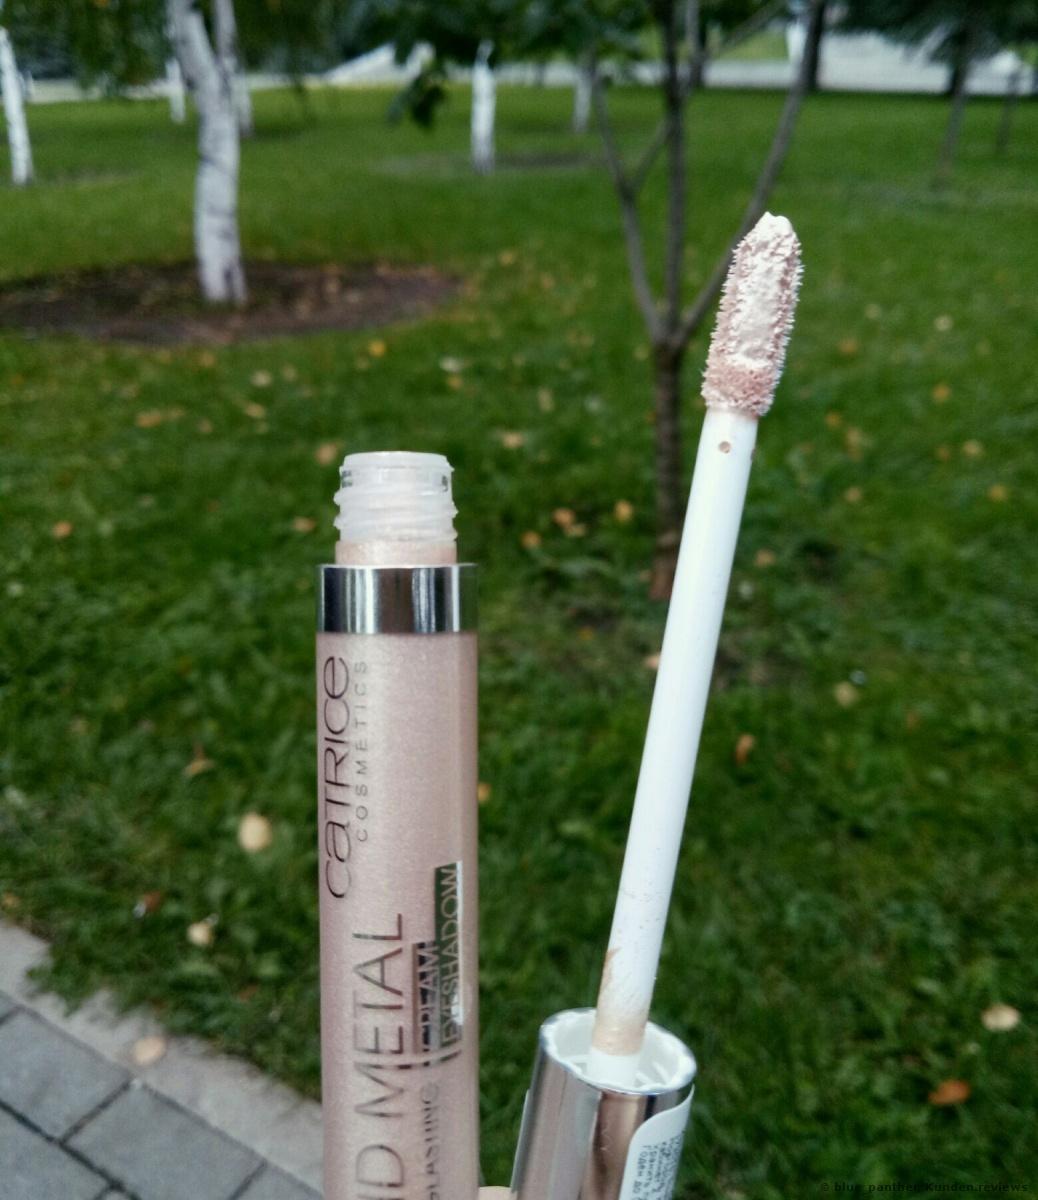 Catrice Liquid Metal Longlasting Cream Eyeshadow Lidschatten Foto